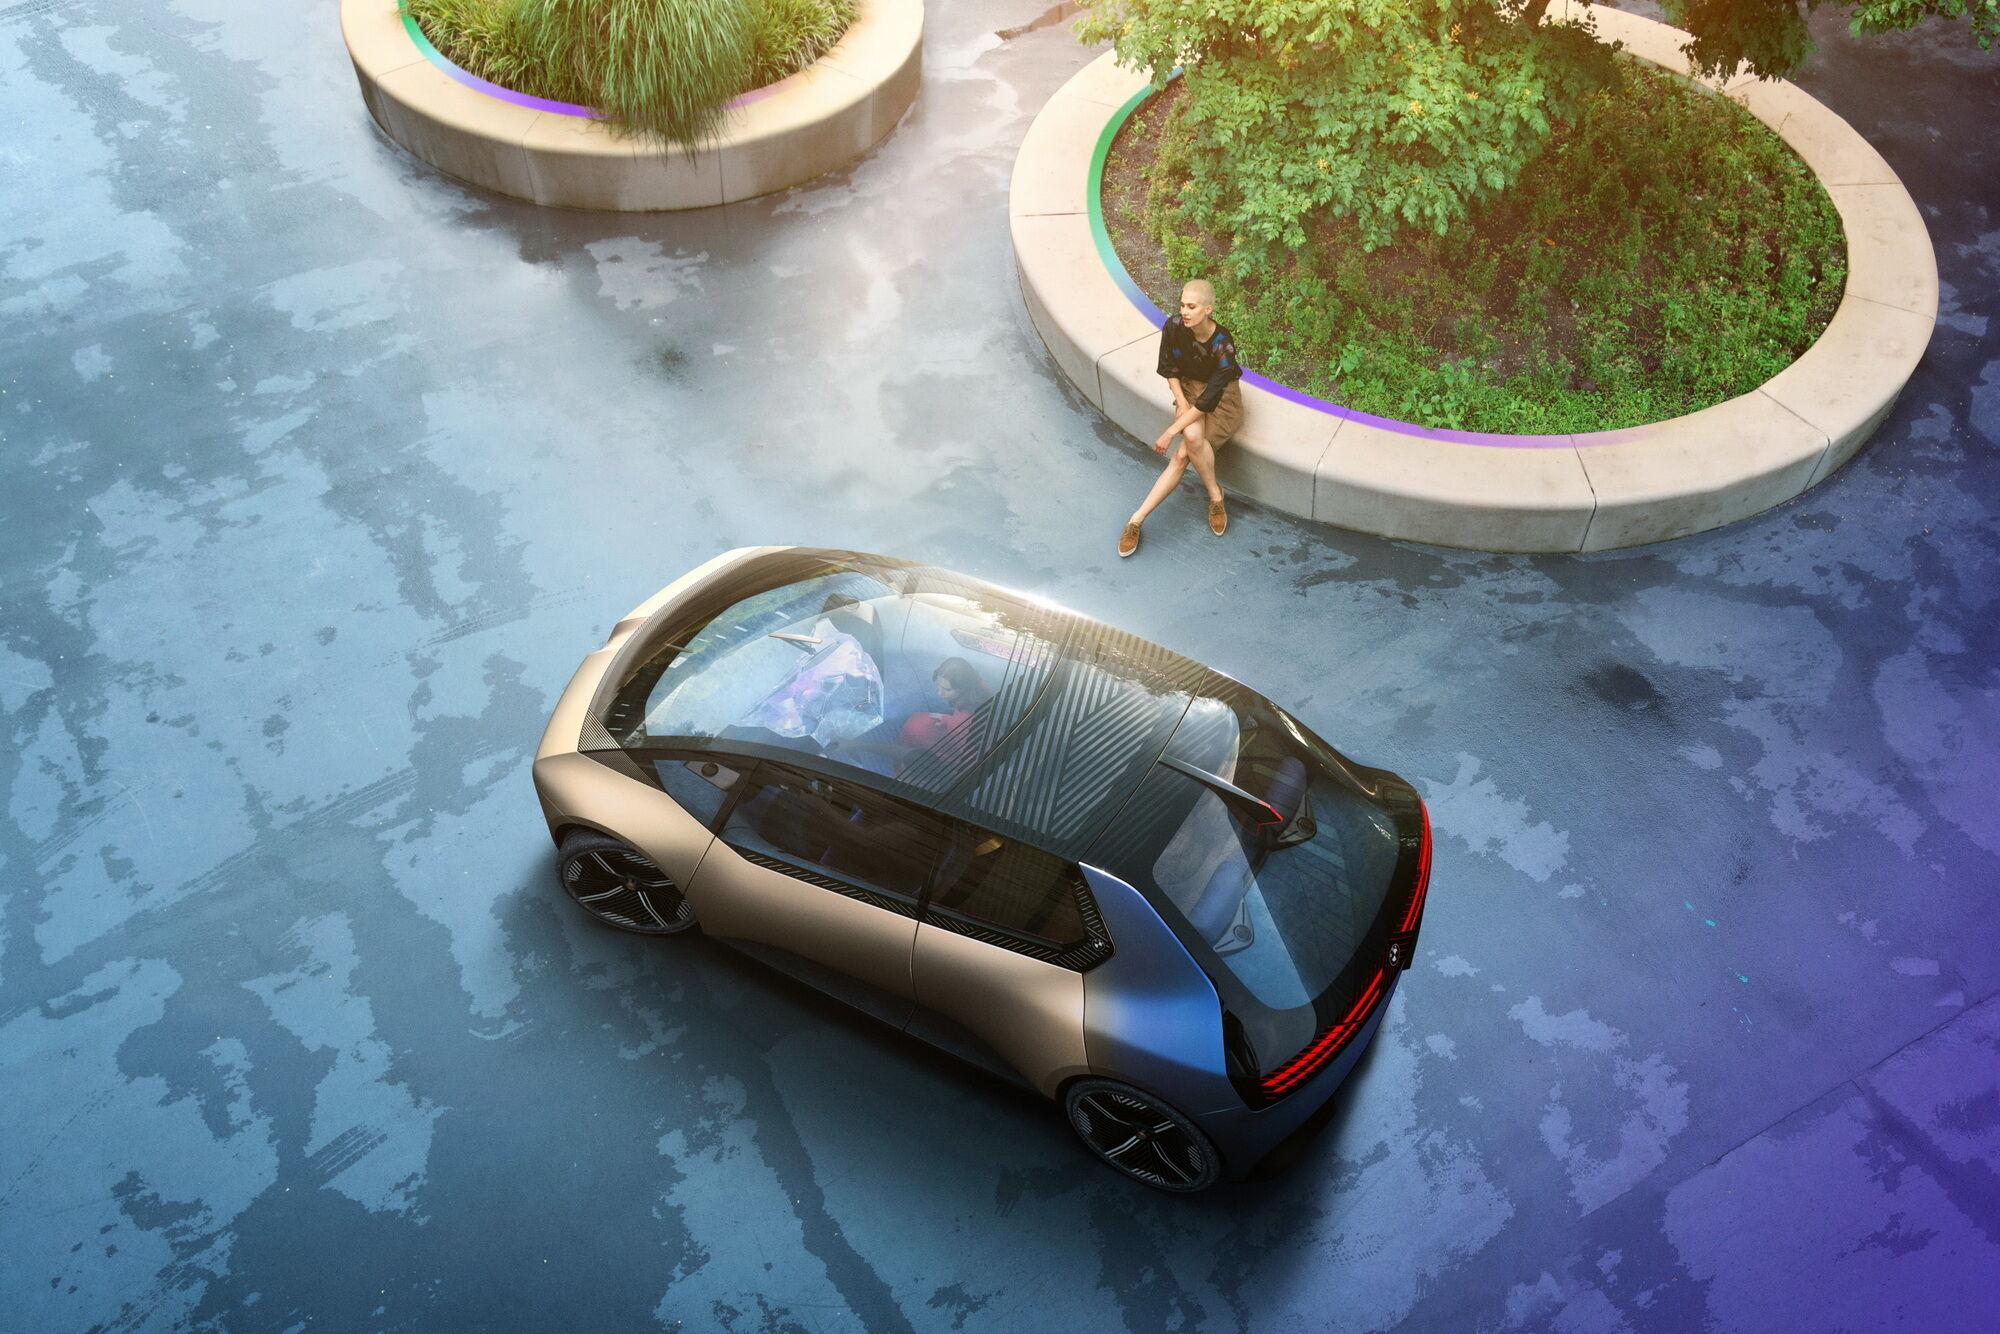 Автомобіль нагадує мікровен, характерними особливостями якого є велика площа скління, широкі розсувні двері і світлодіодні панелі замість фар